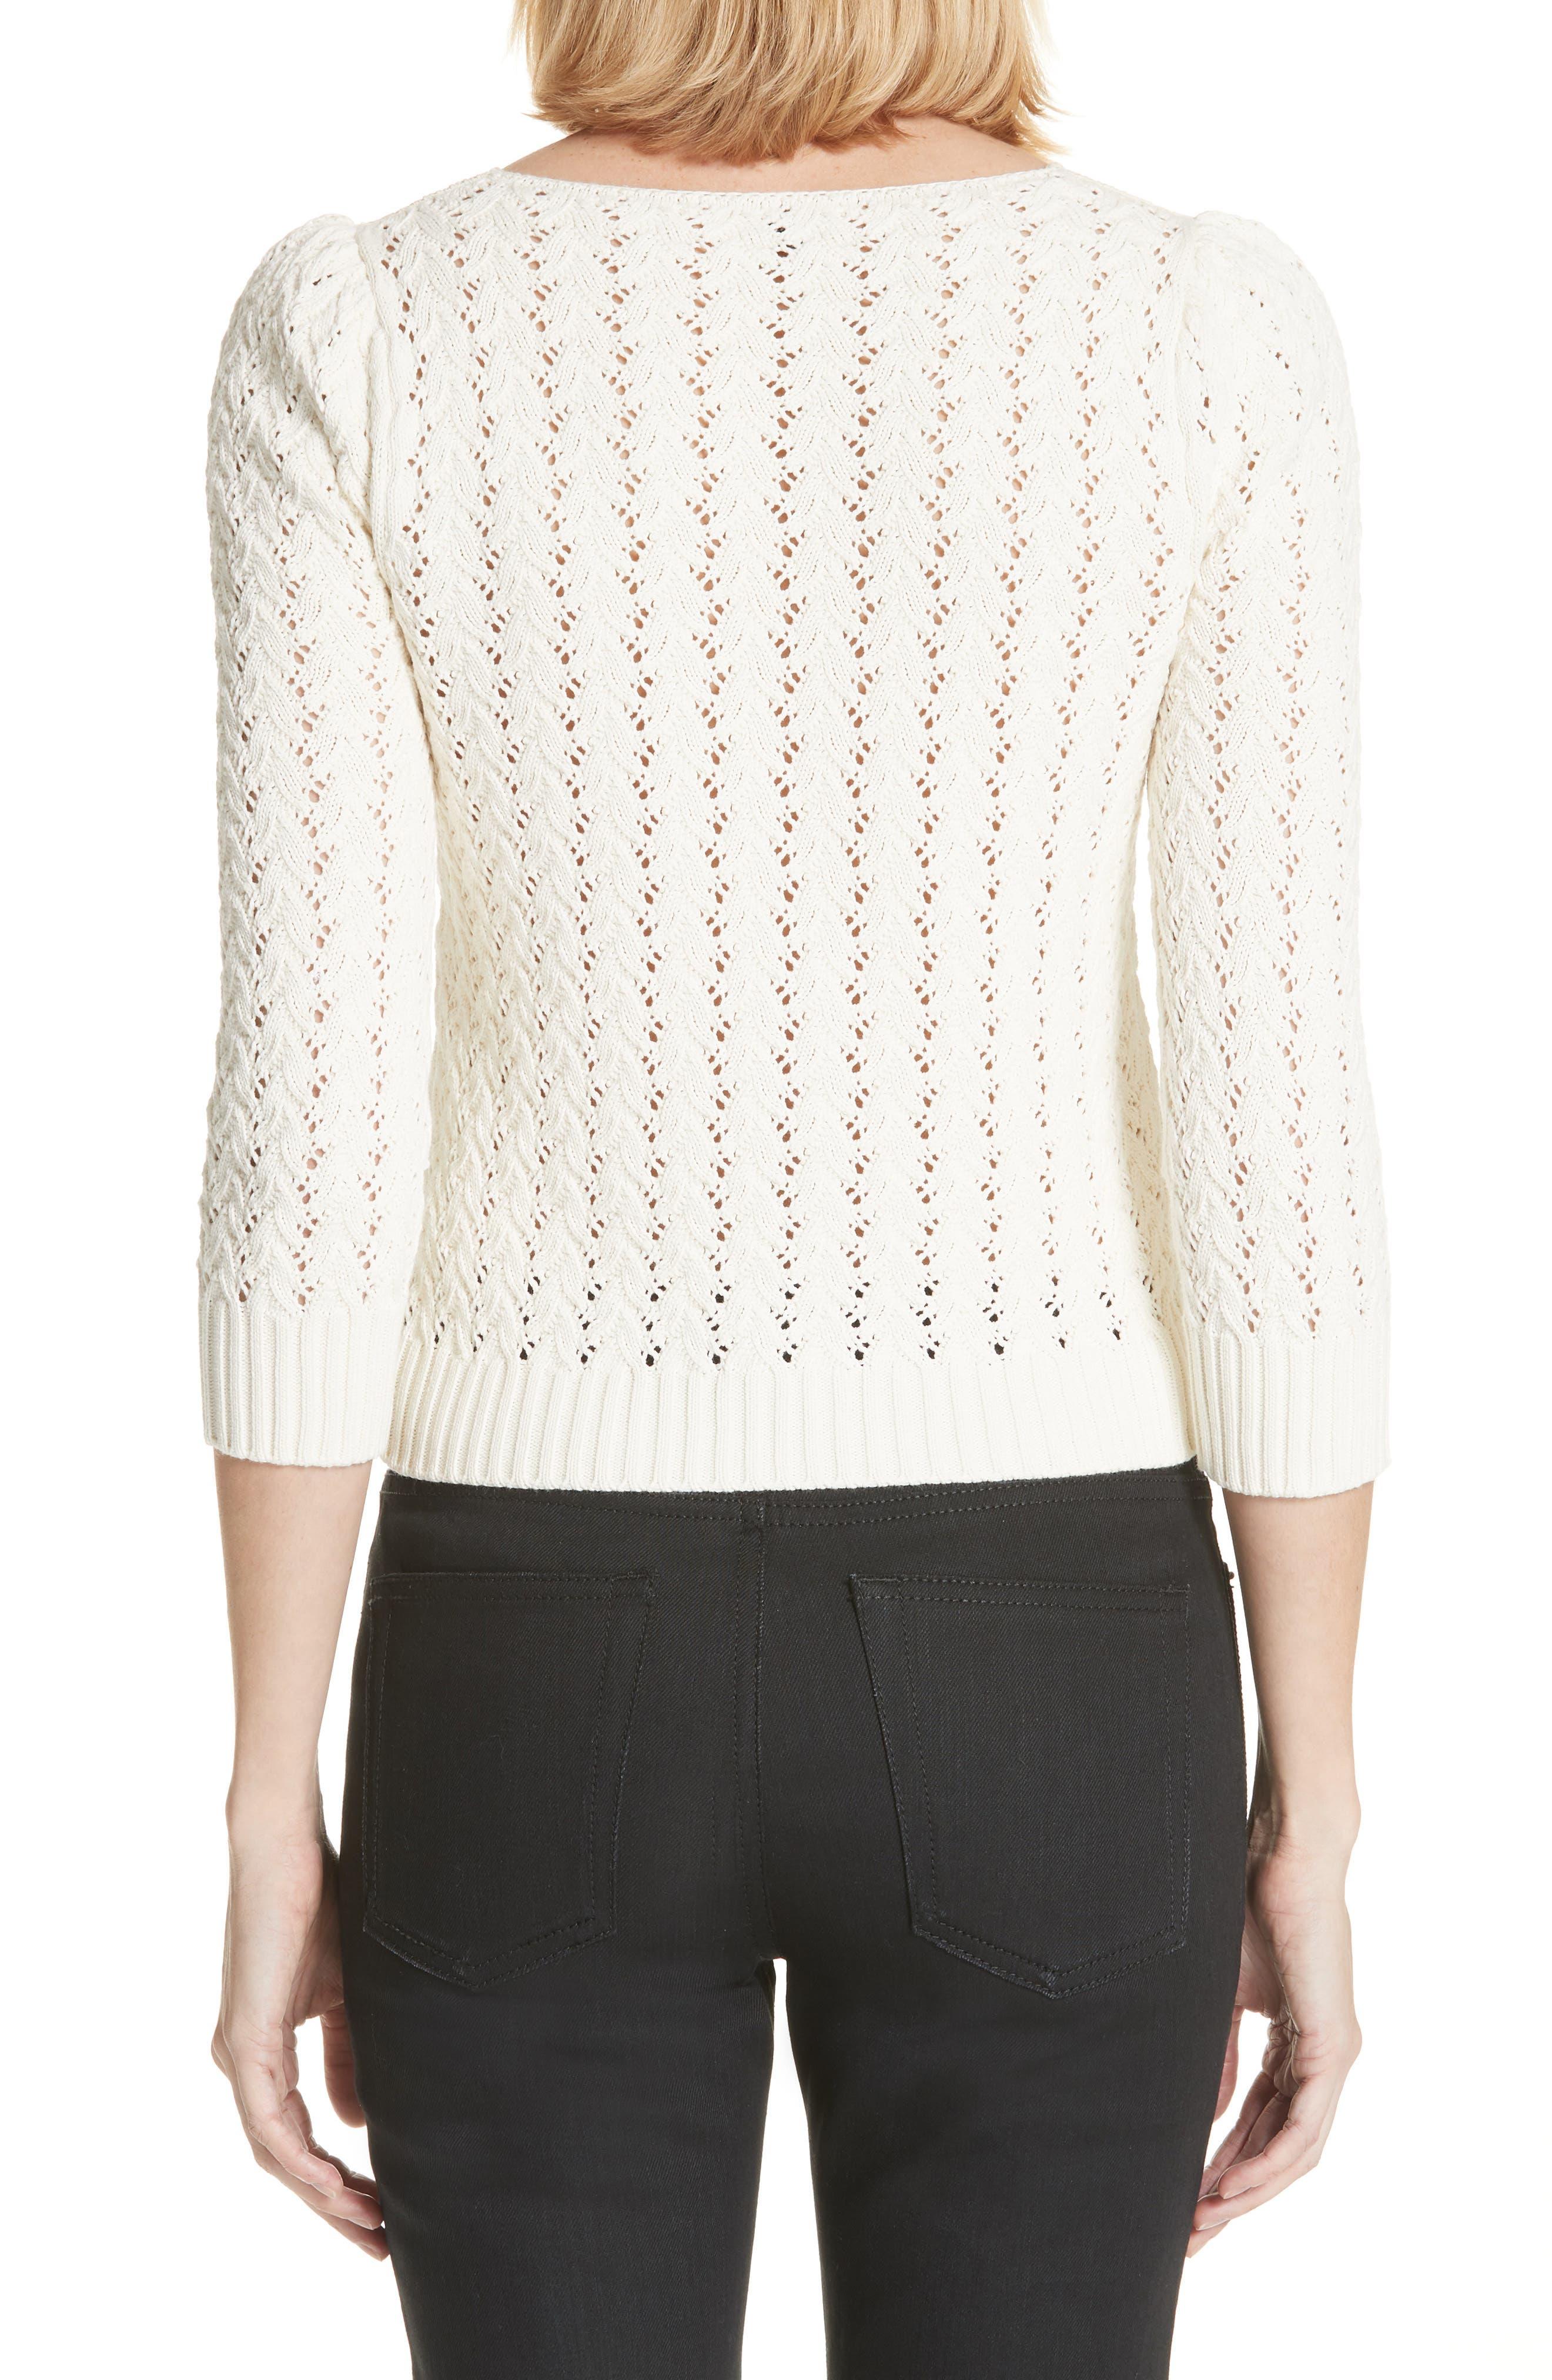 Lace Yoke Knit Sweater,                             Alternate thumbnail 2, color,                             Naturel